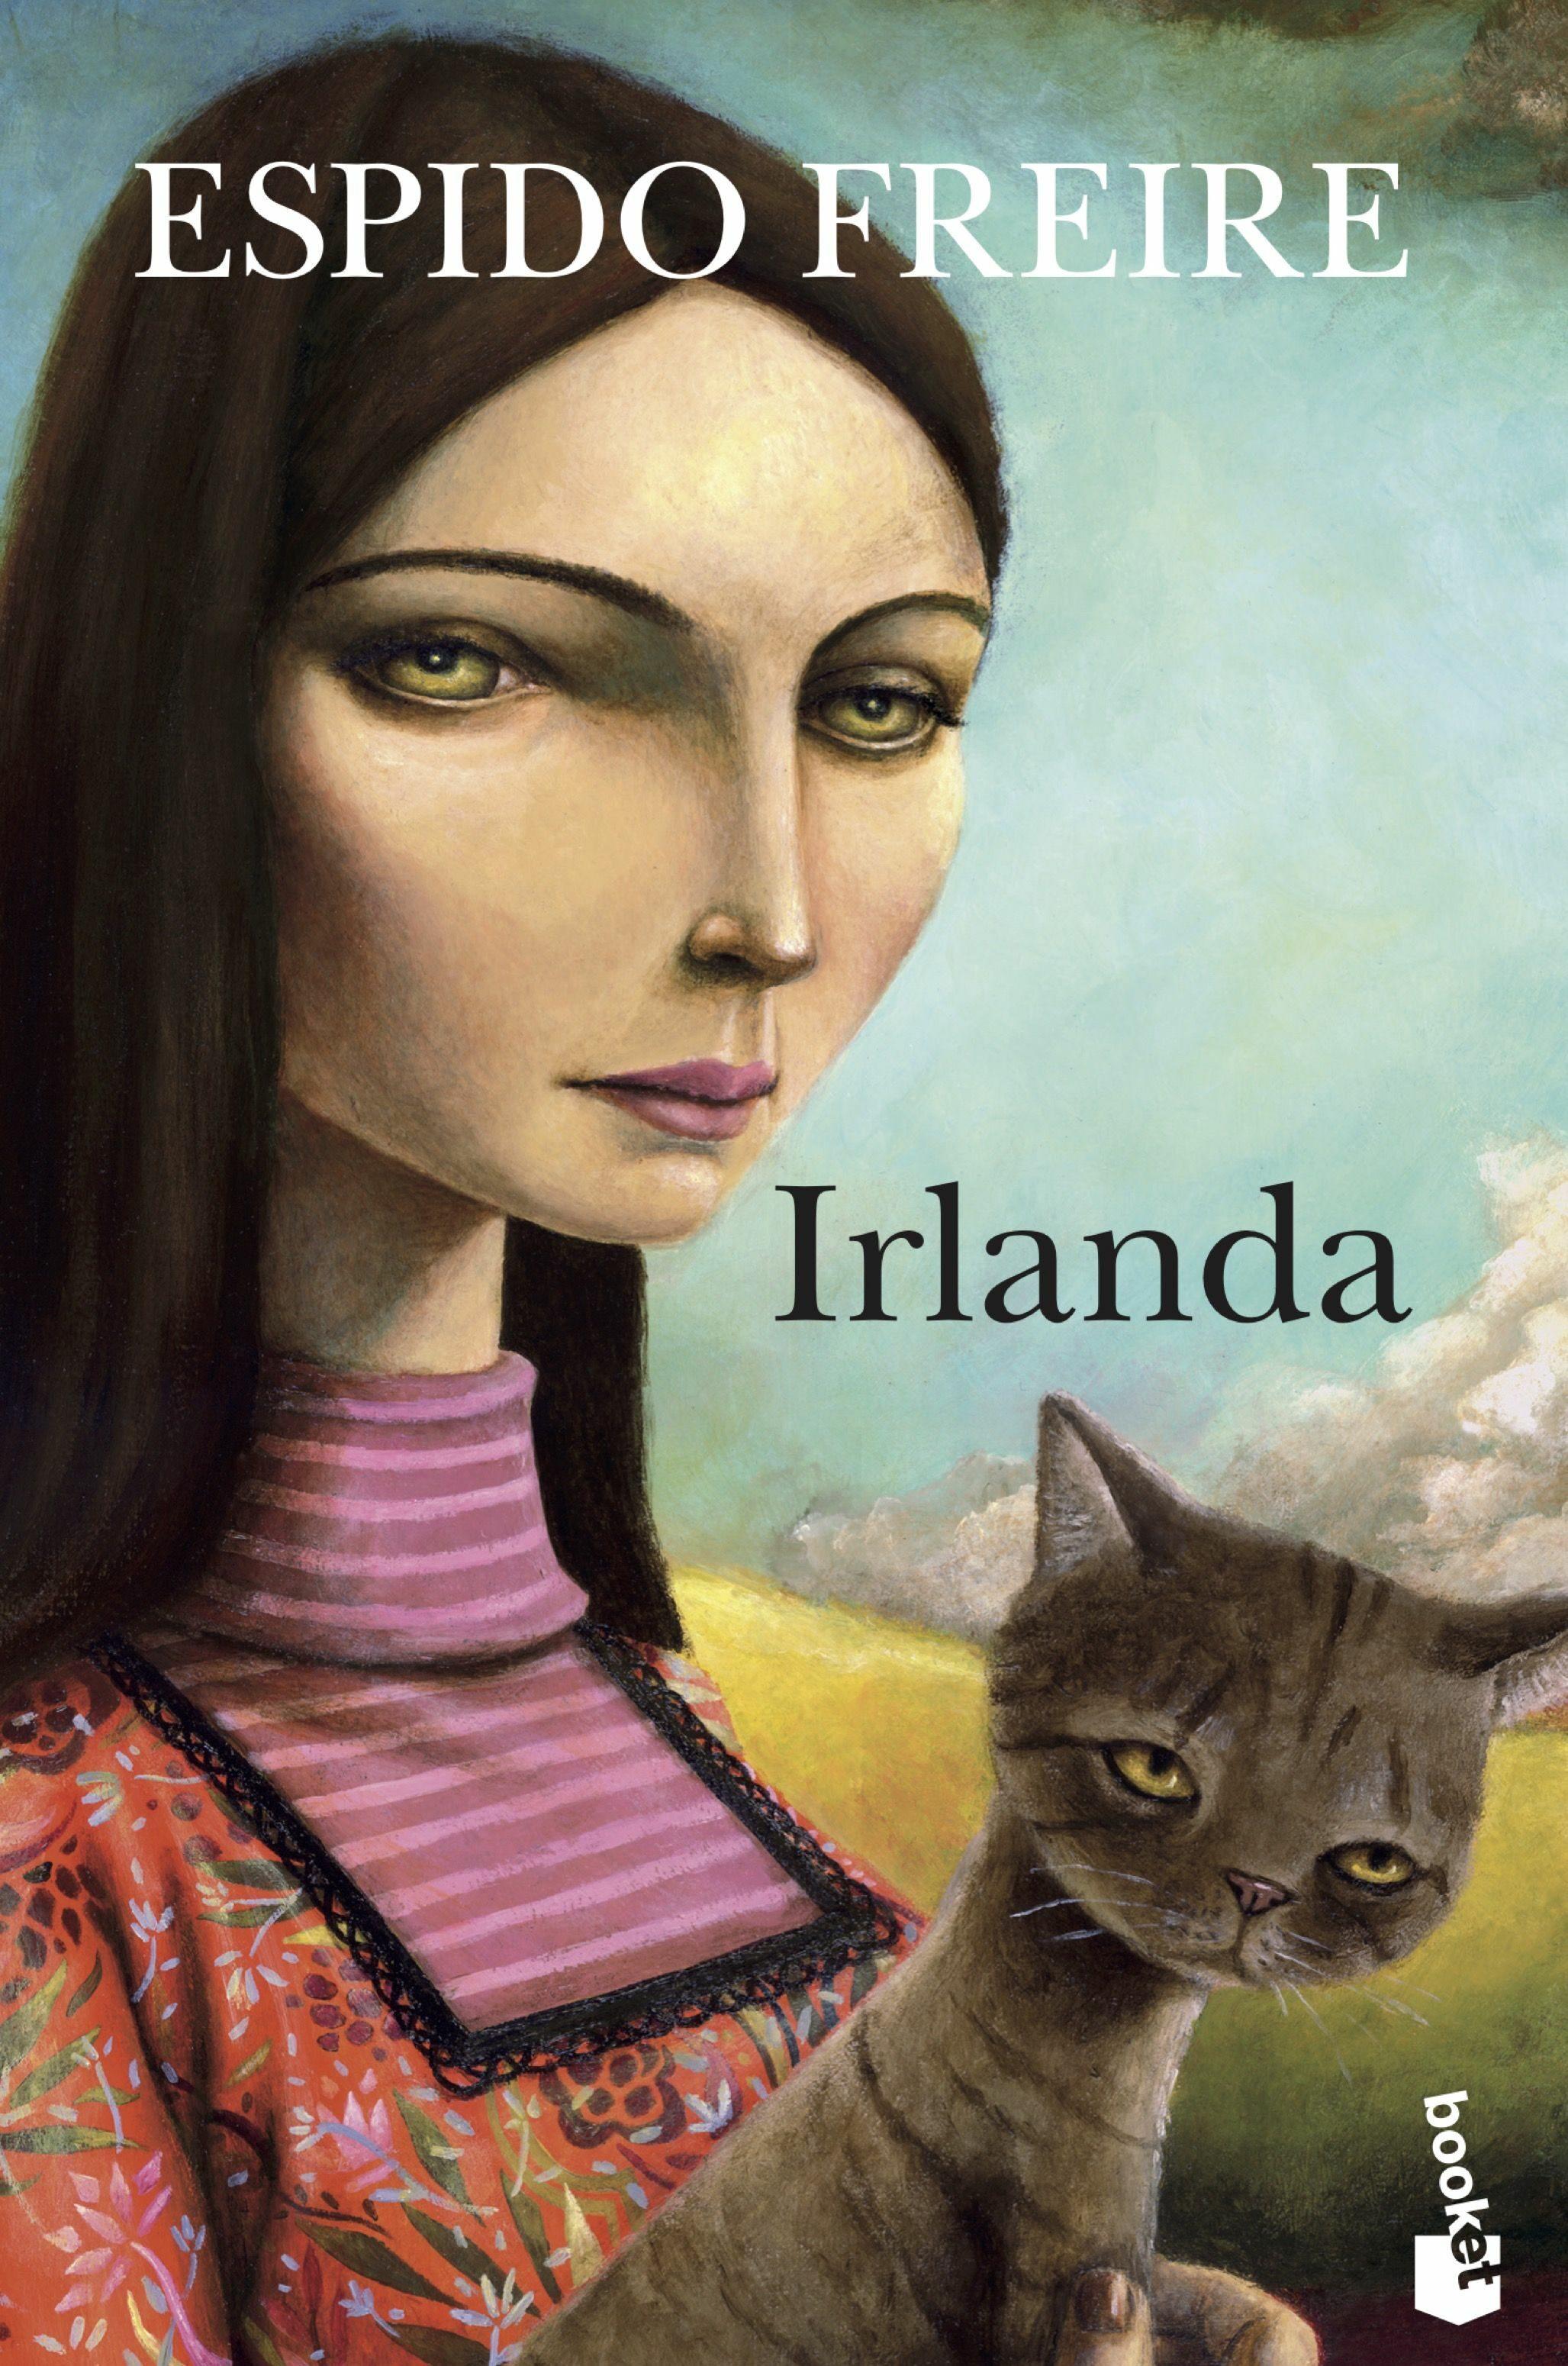 irlanda-espido freire-9788408201830